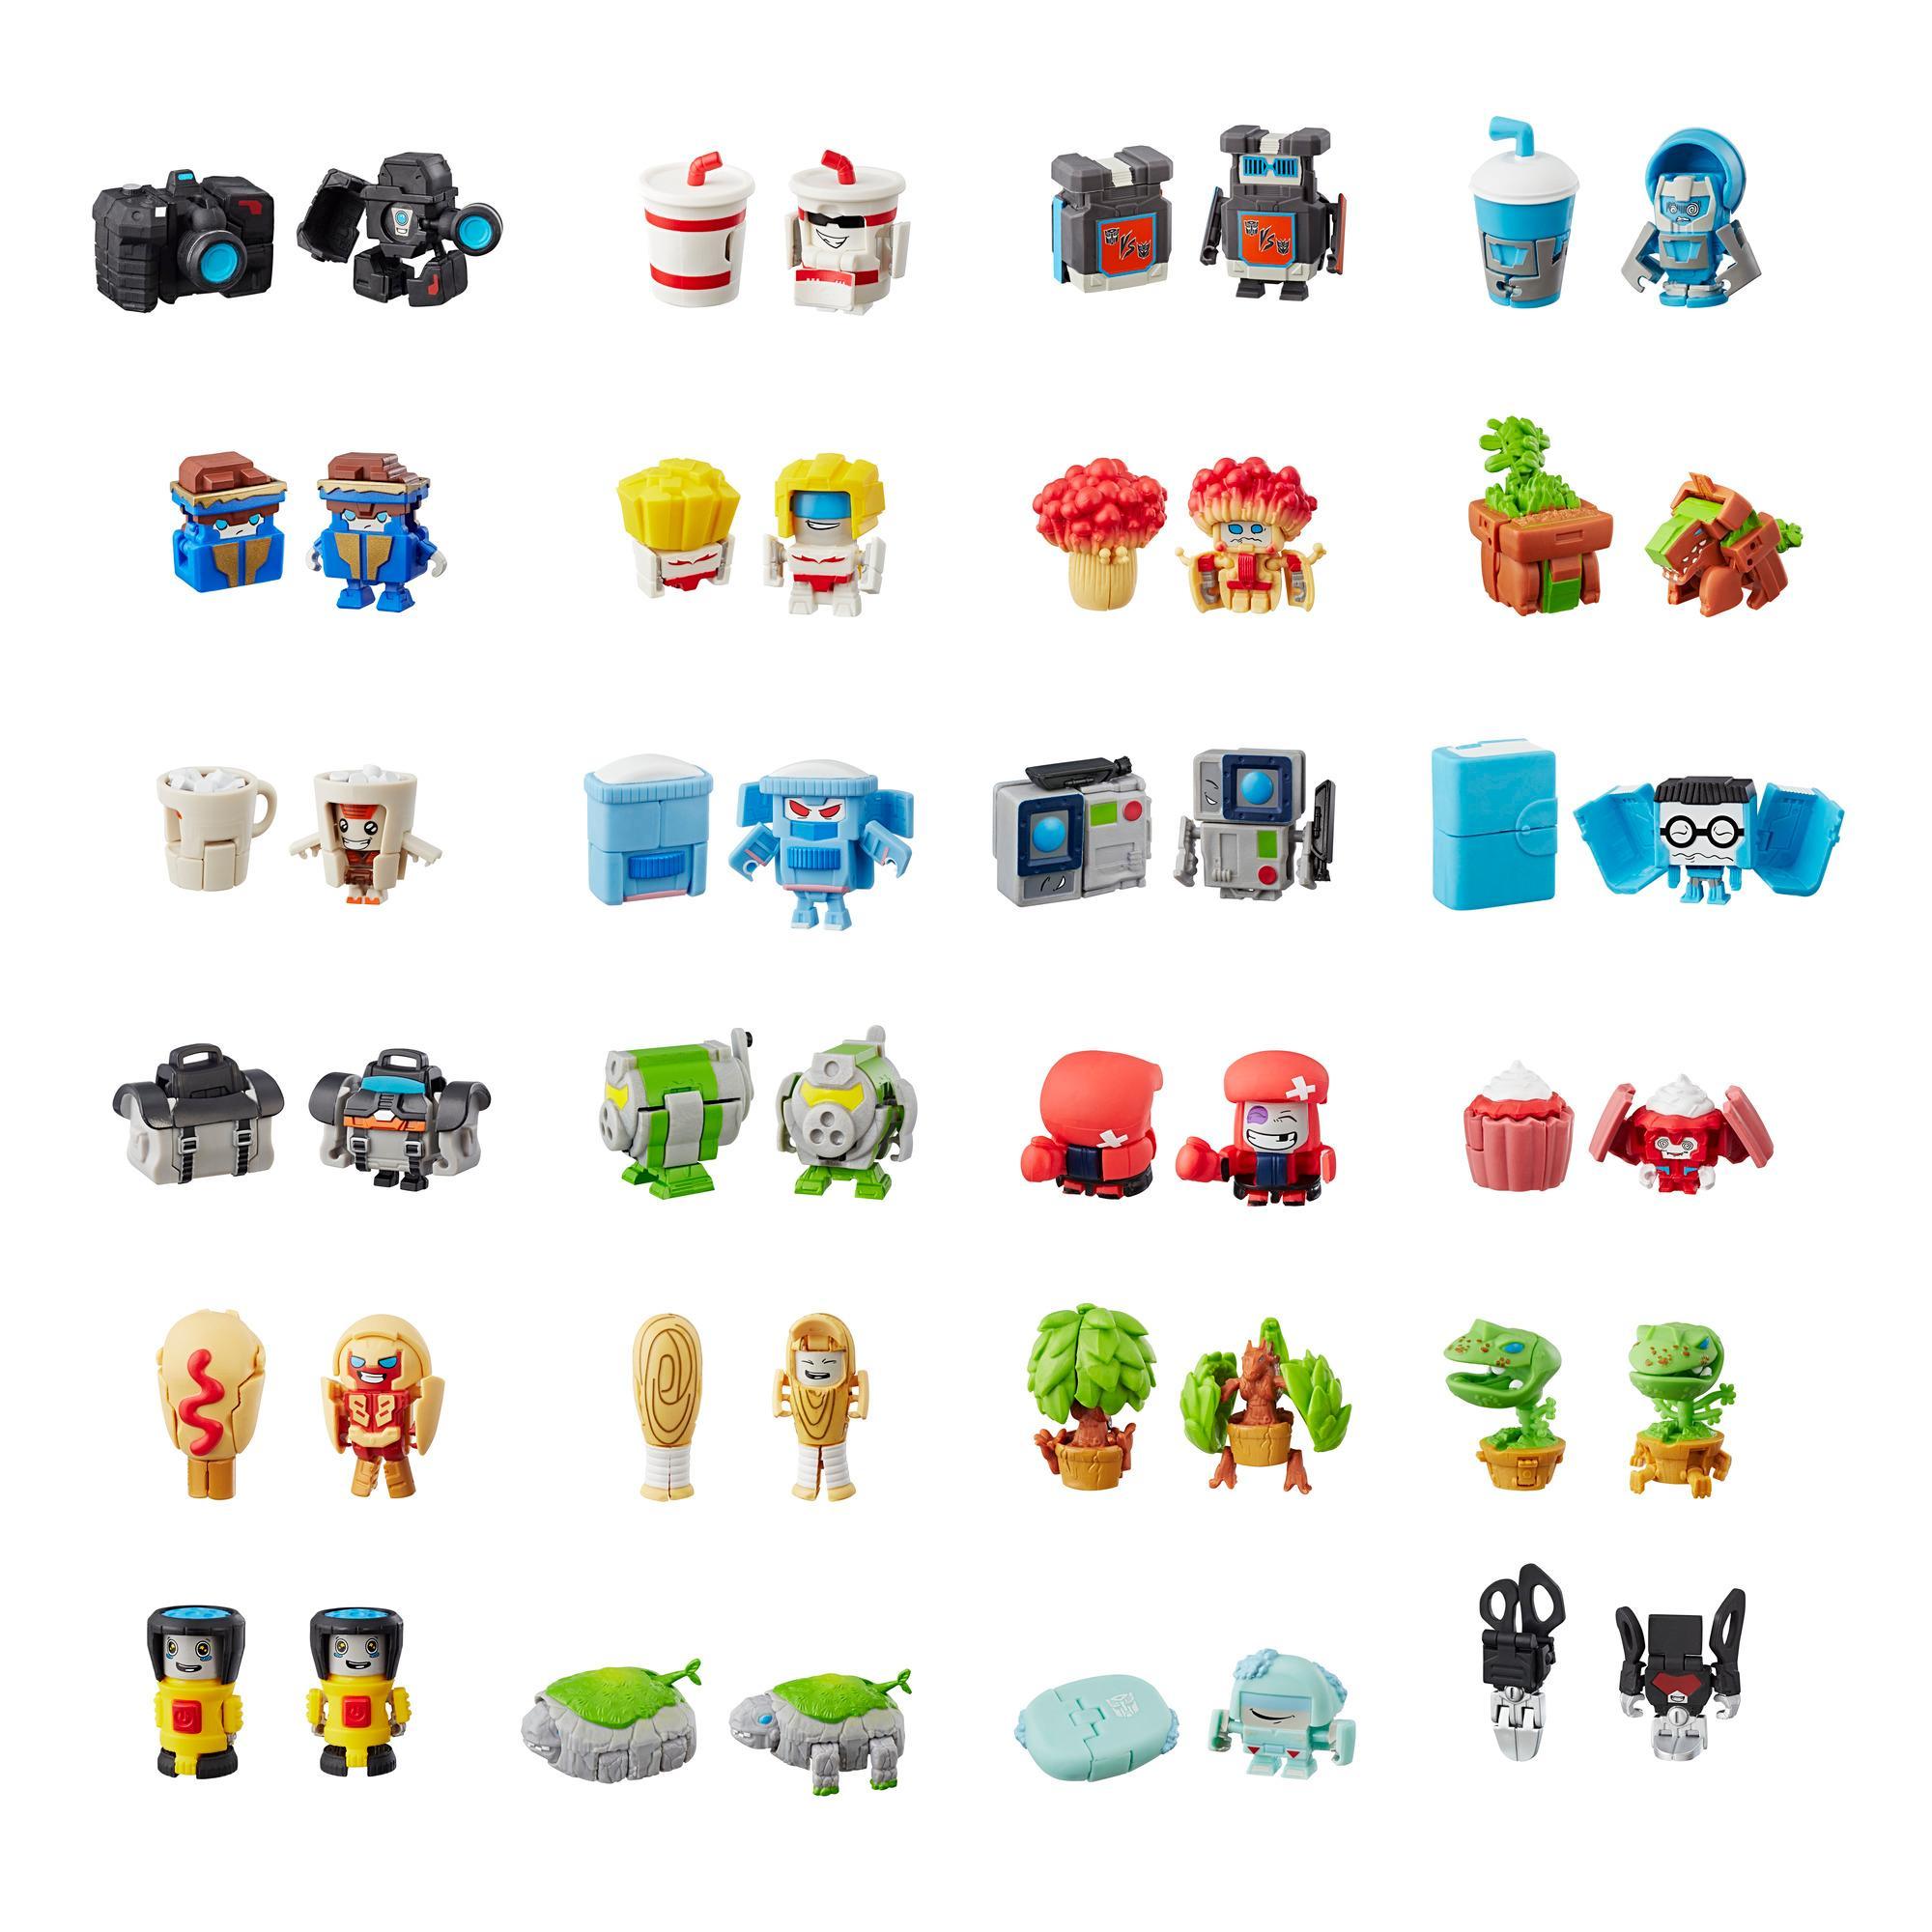 Transformers BotBots - Figurine dans sac surprise série 1 à collectionner - Jouet surprise 2 en 1!